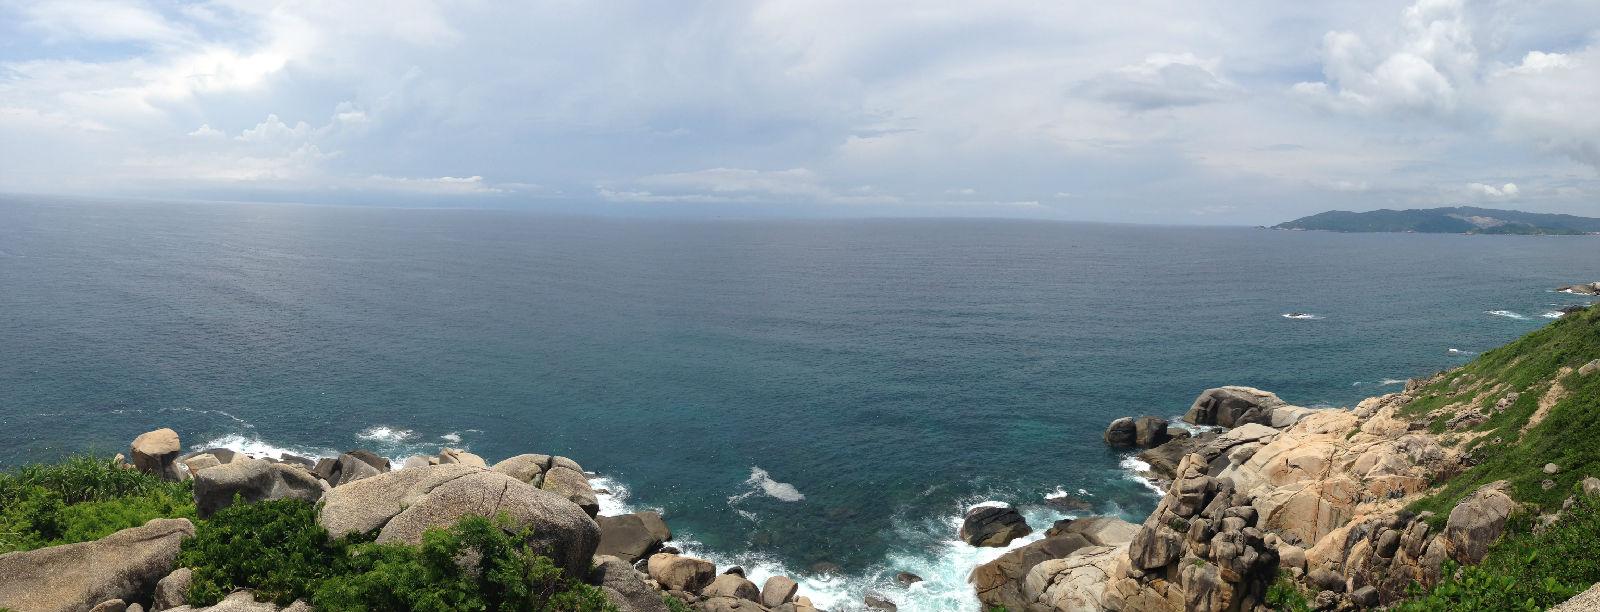 一望无际的大海图片